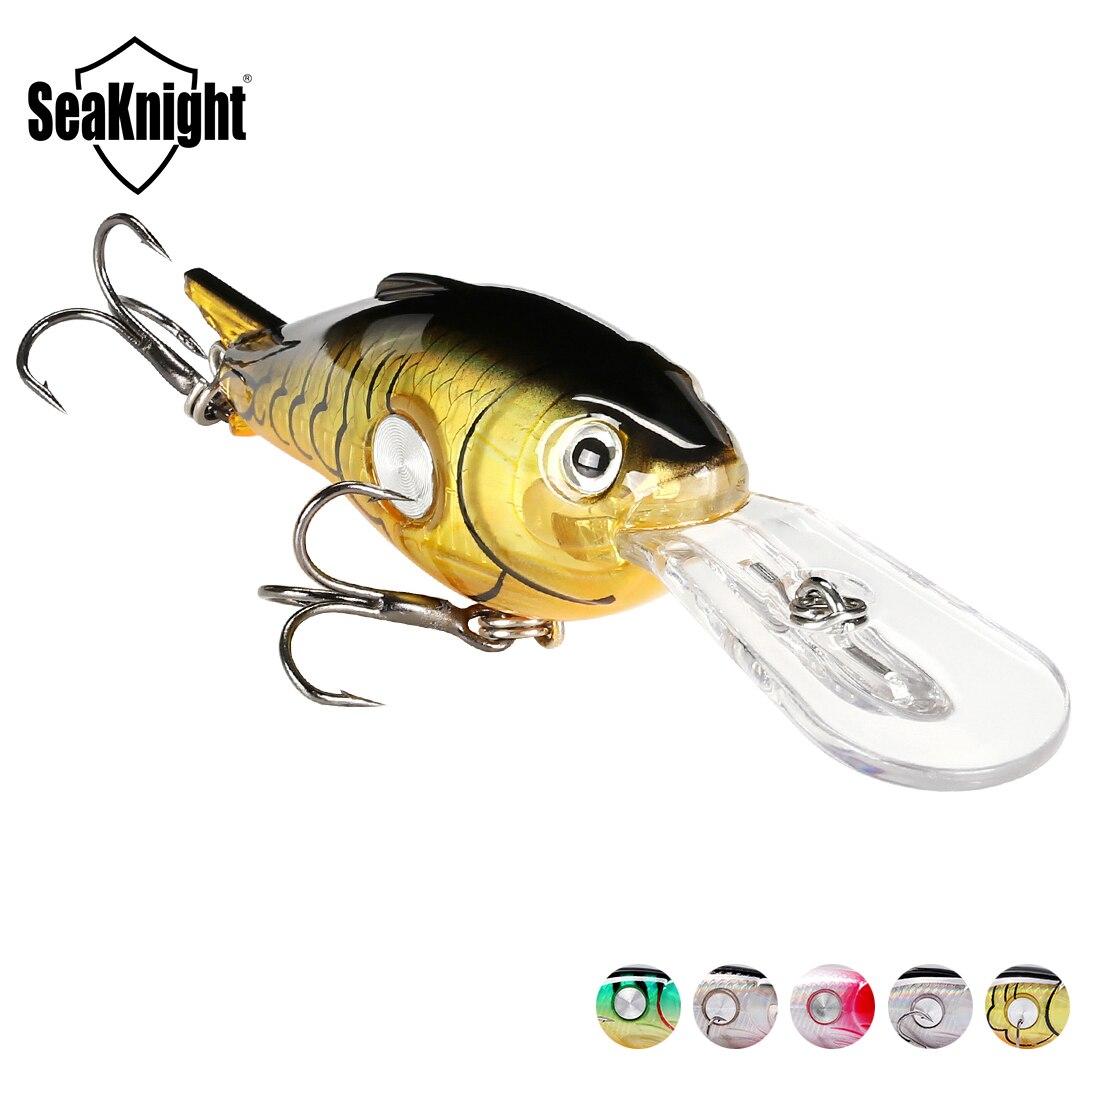 SeaKnight Kvaliteetne lant